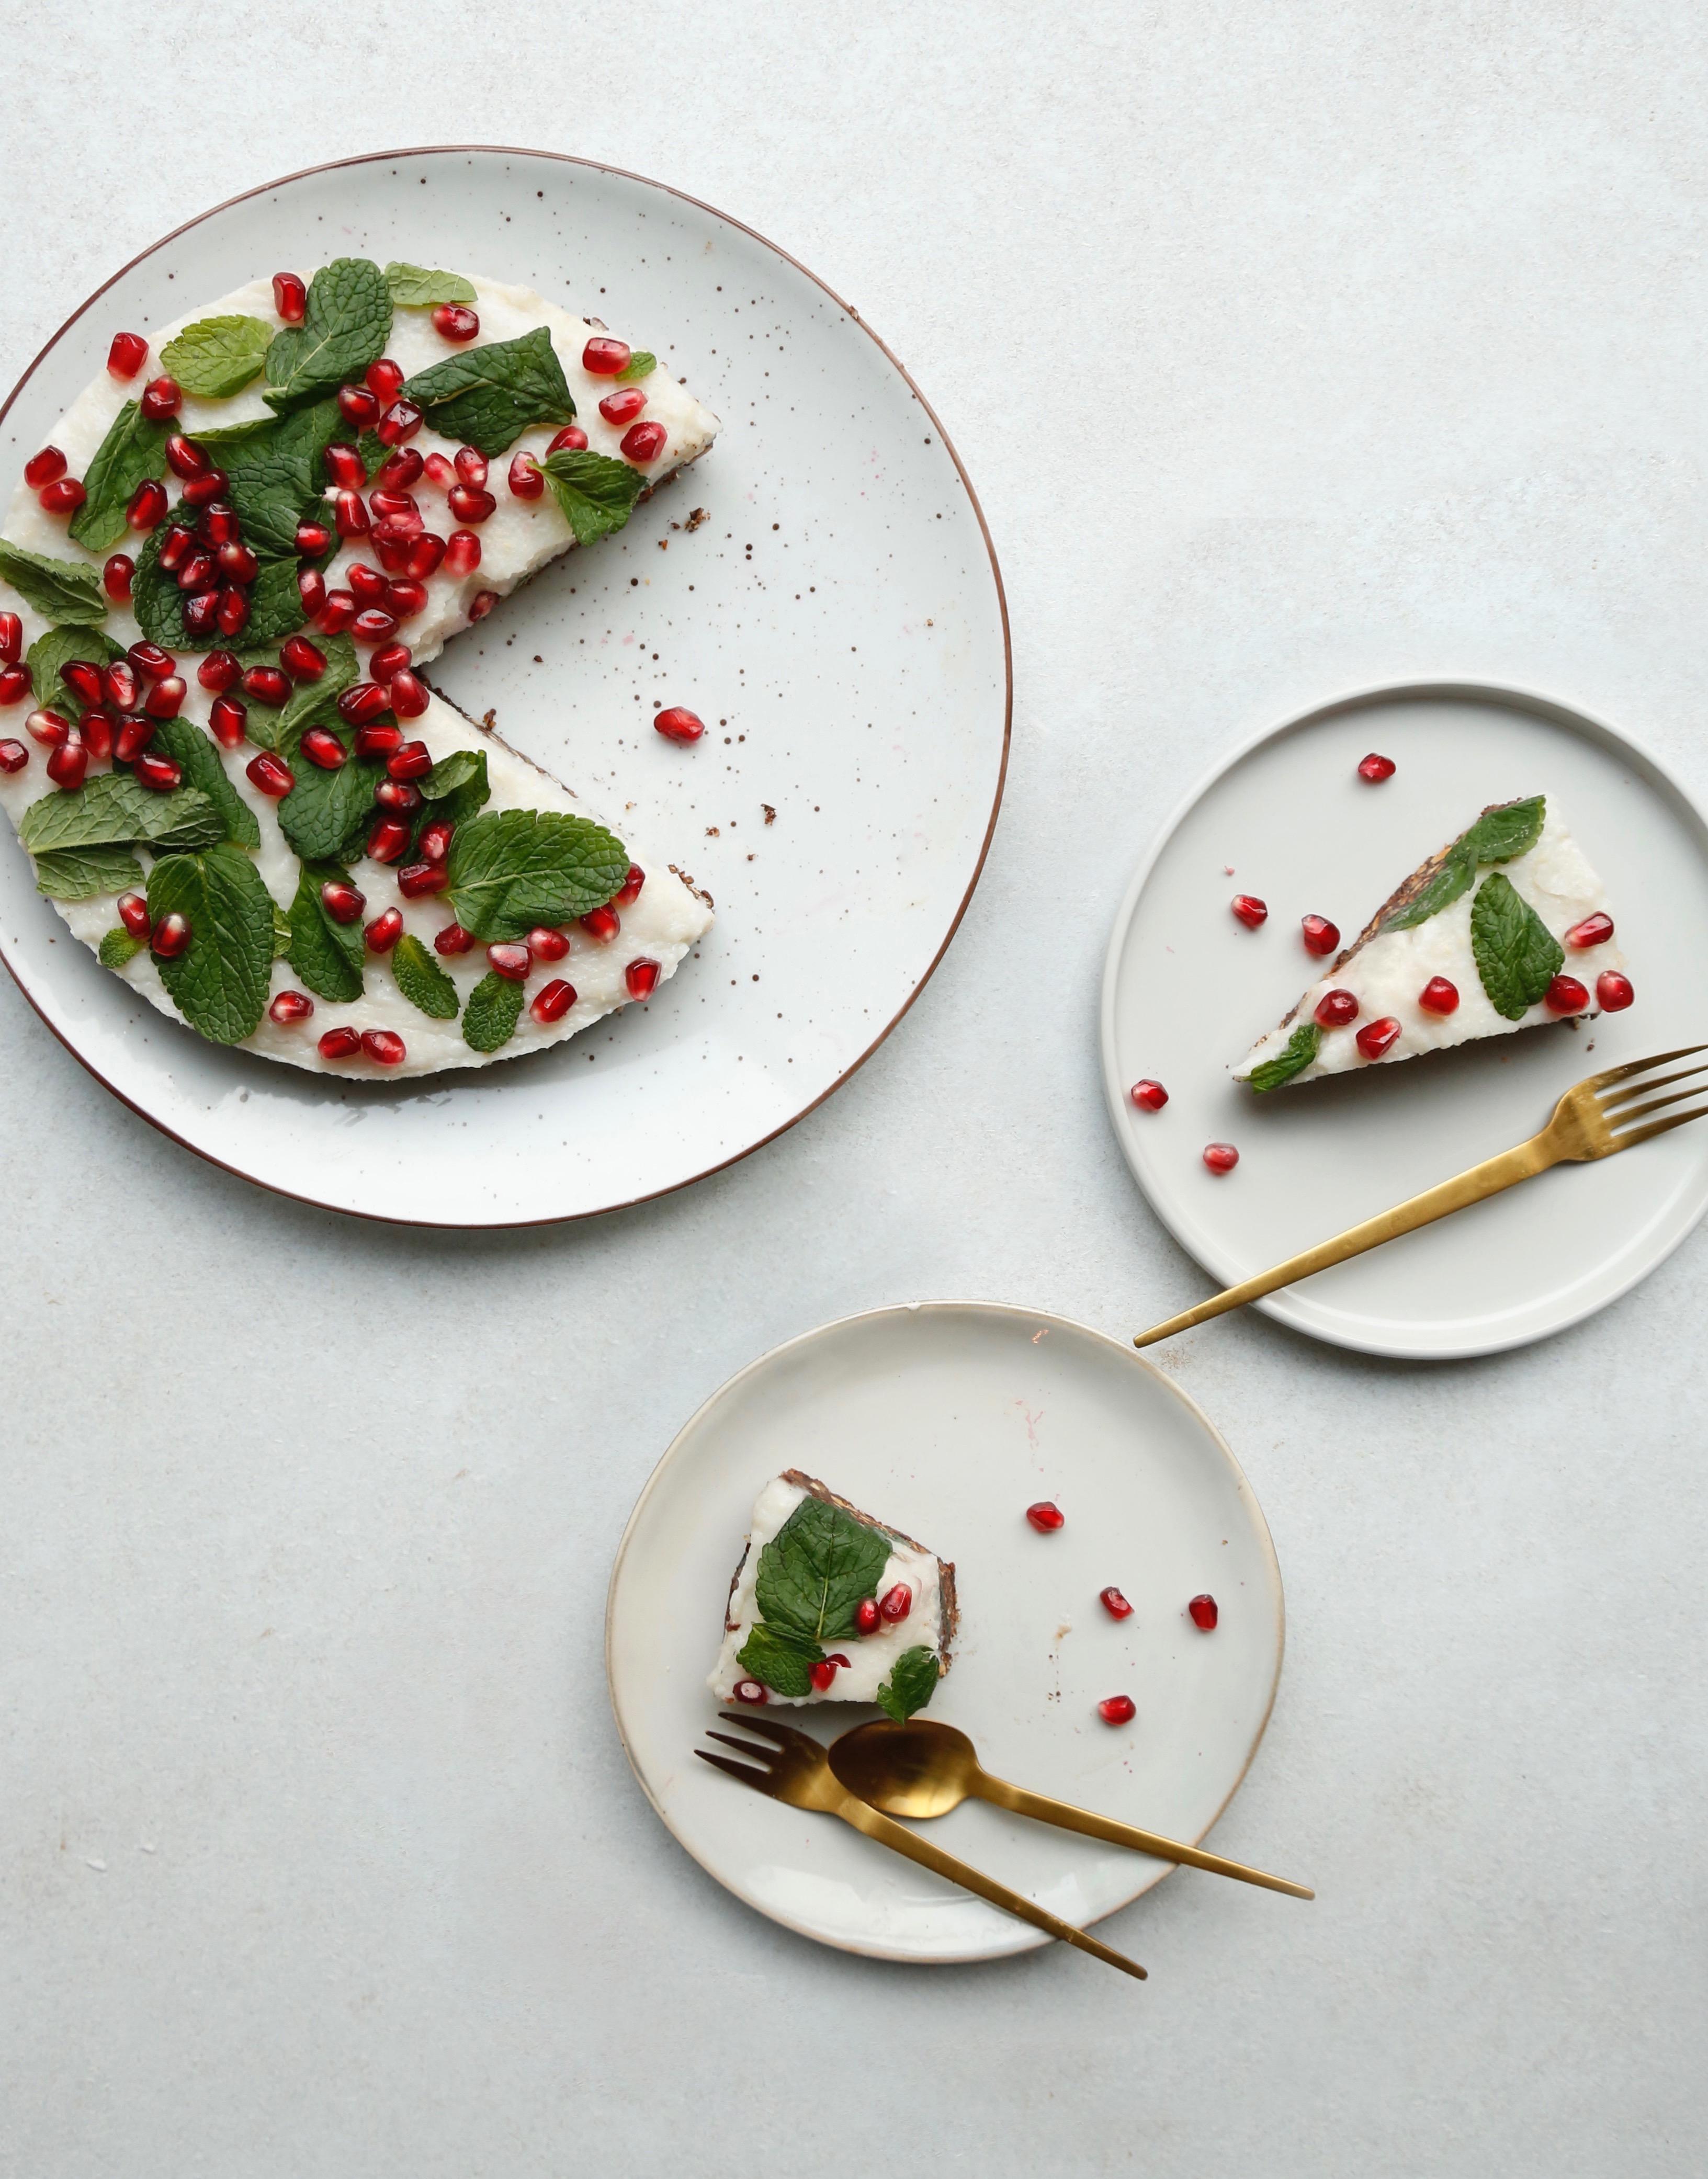 julekage-med-sproed-chokoladebund-og-en-rest-af-risengroed-1